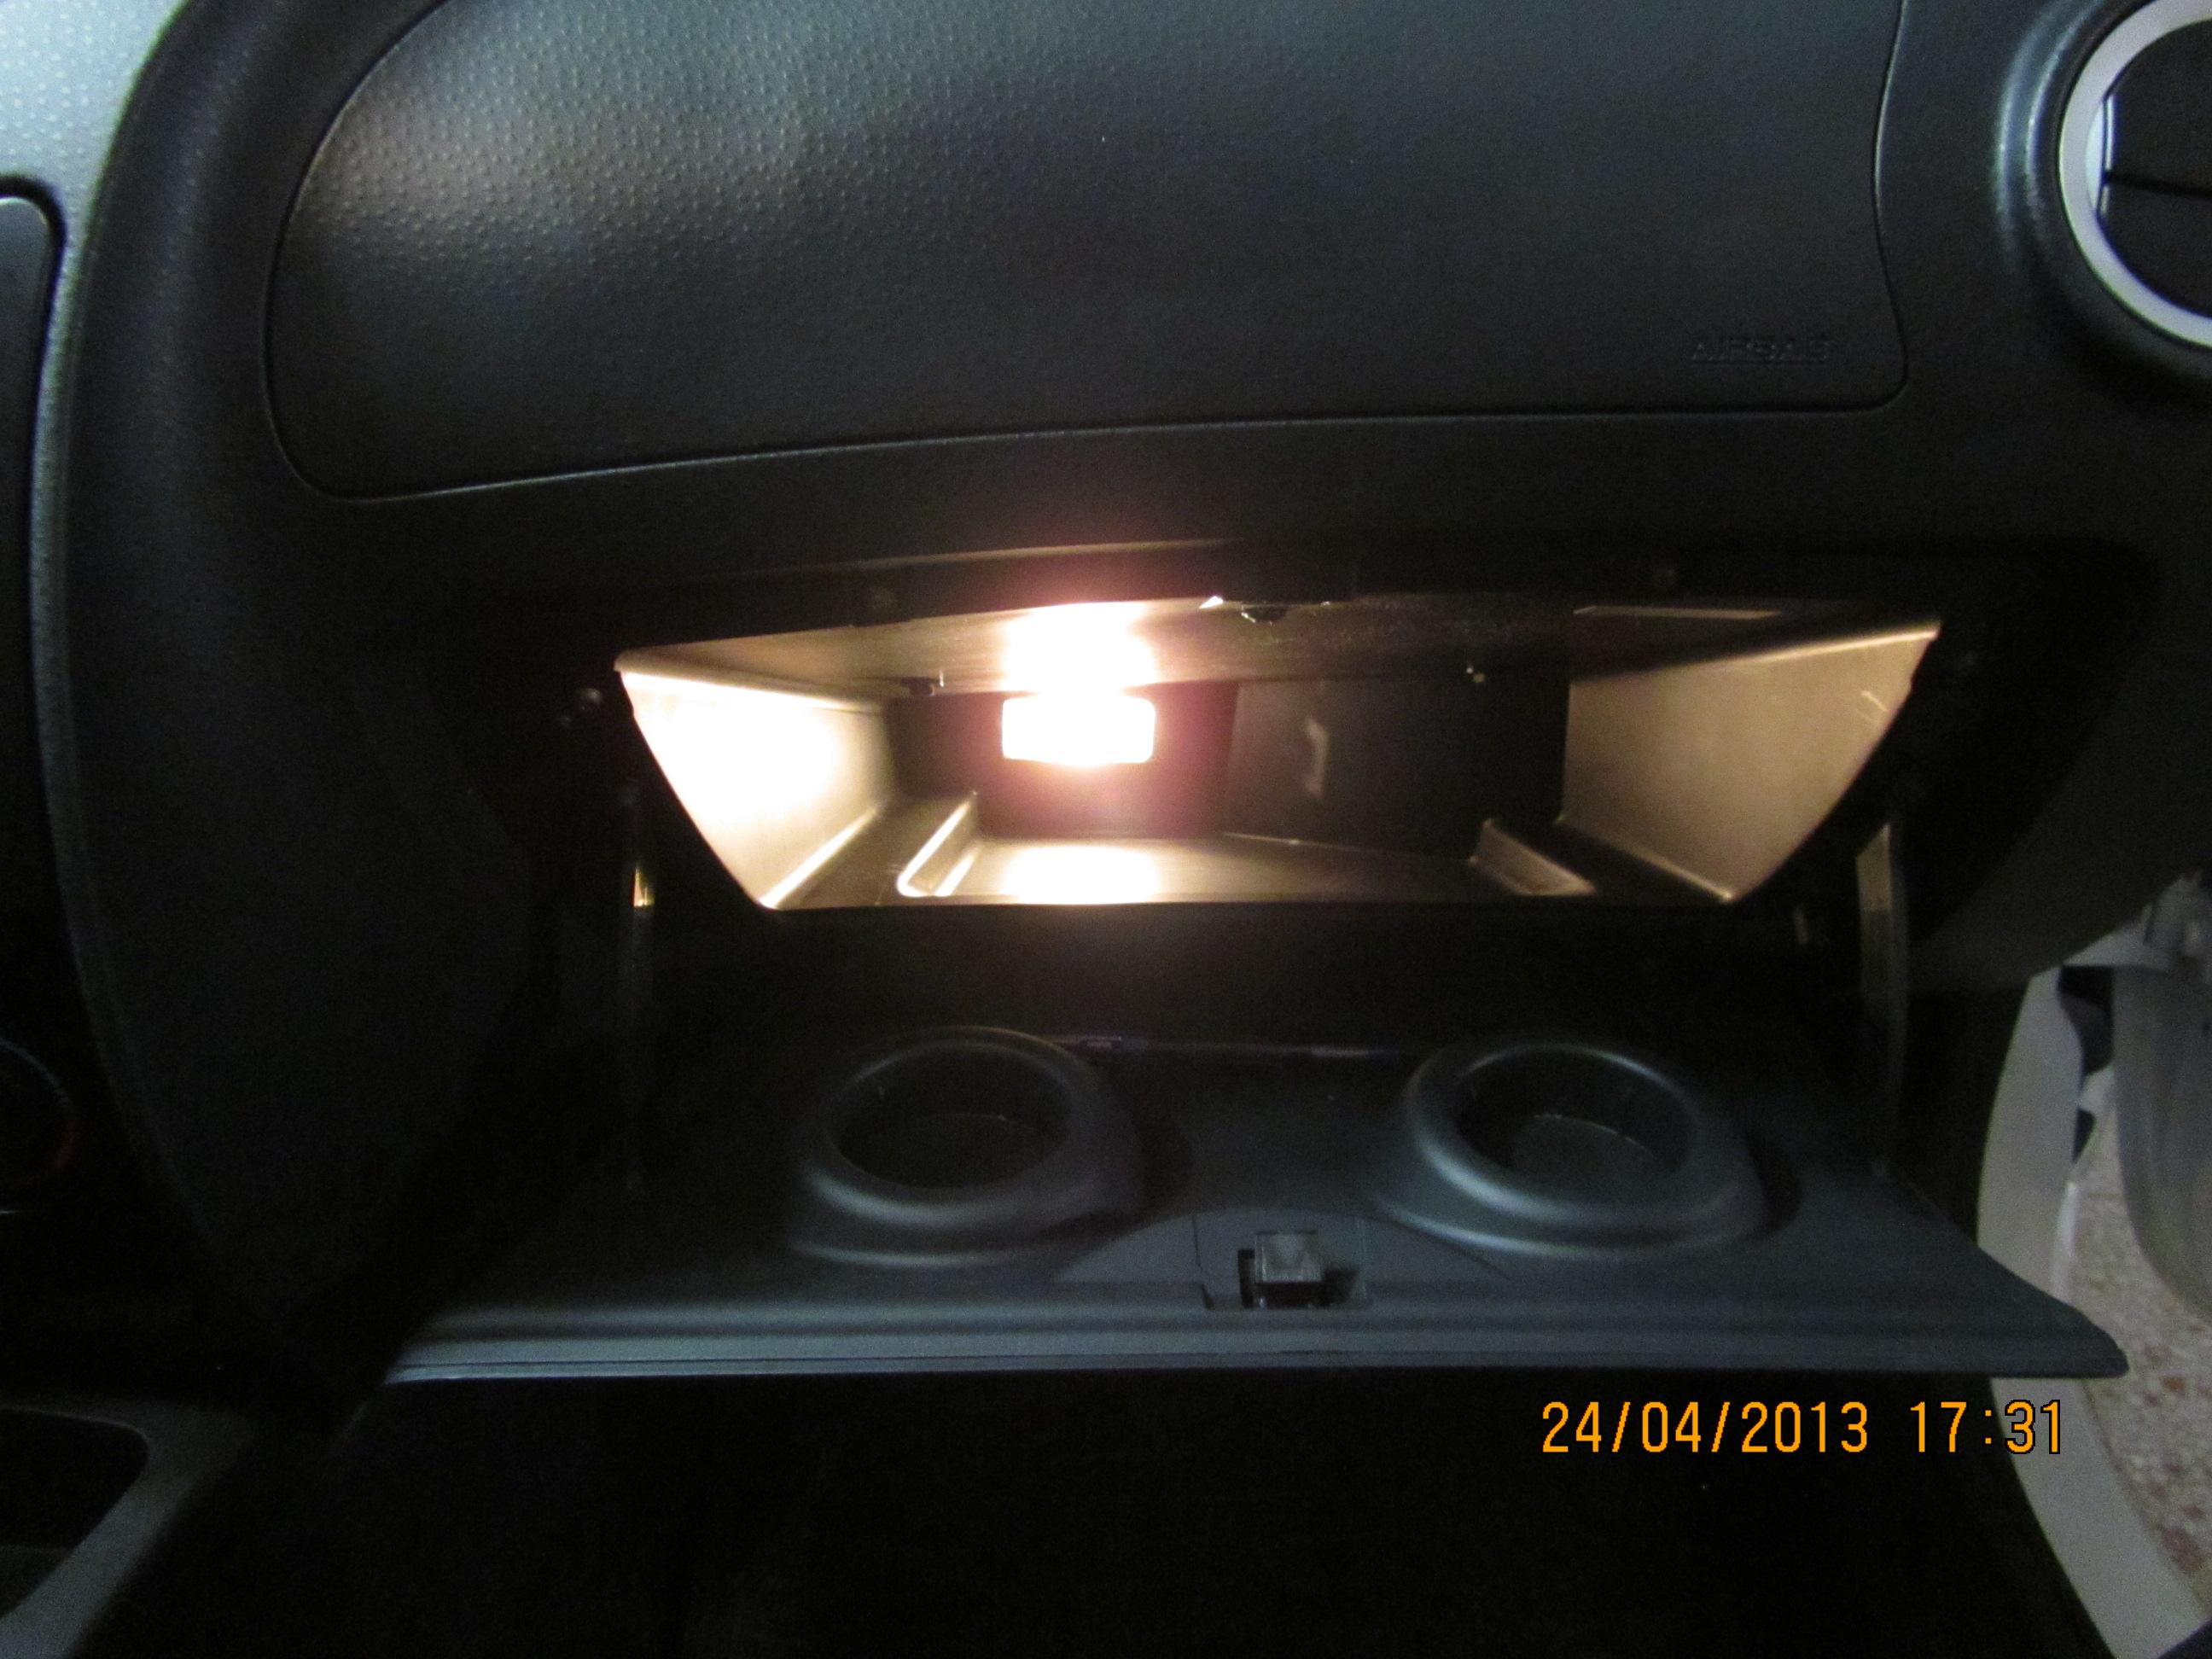 آموزش نصب تجهیزات رانا - تیونینگ تاک - تالارهاي خودرو